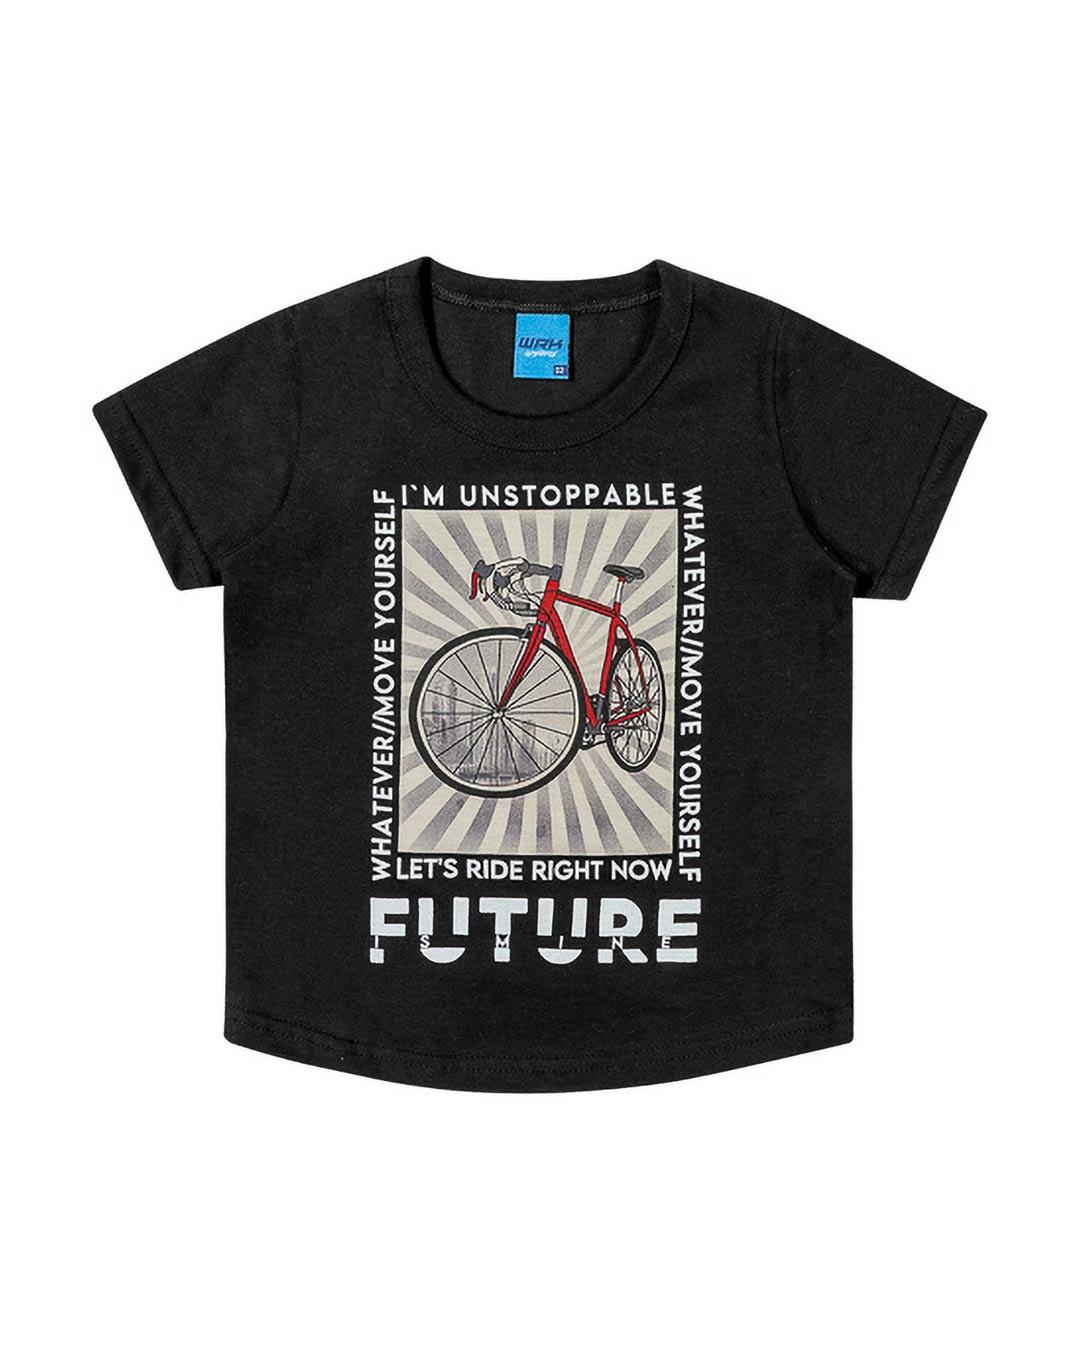 Camiseta Infantil Future Is Mine - WRK